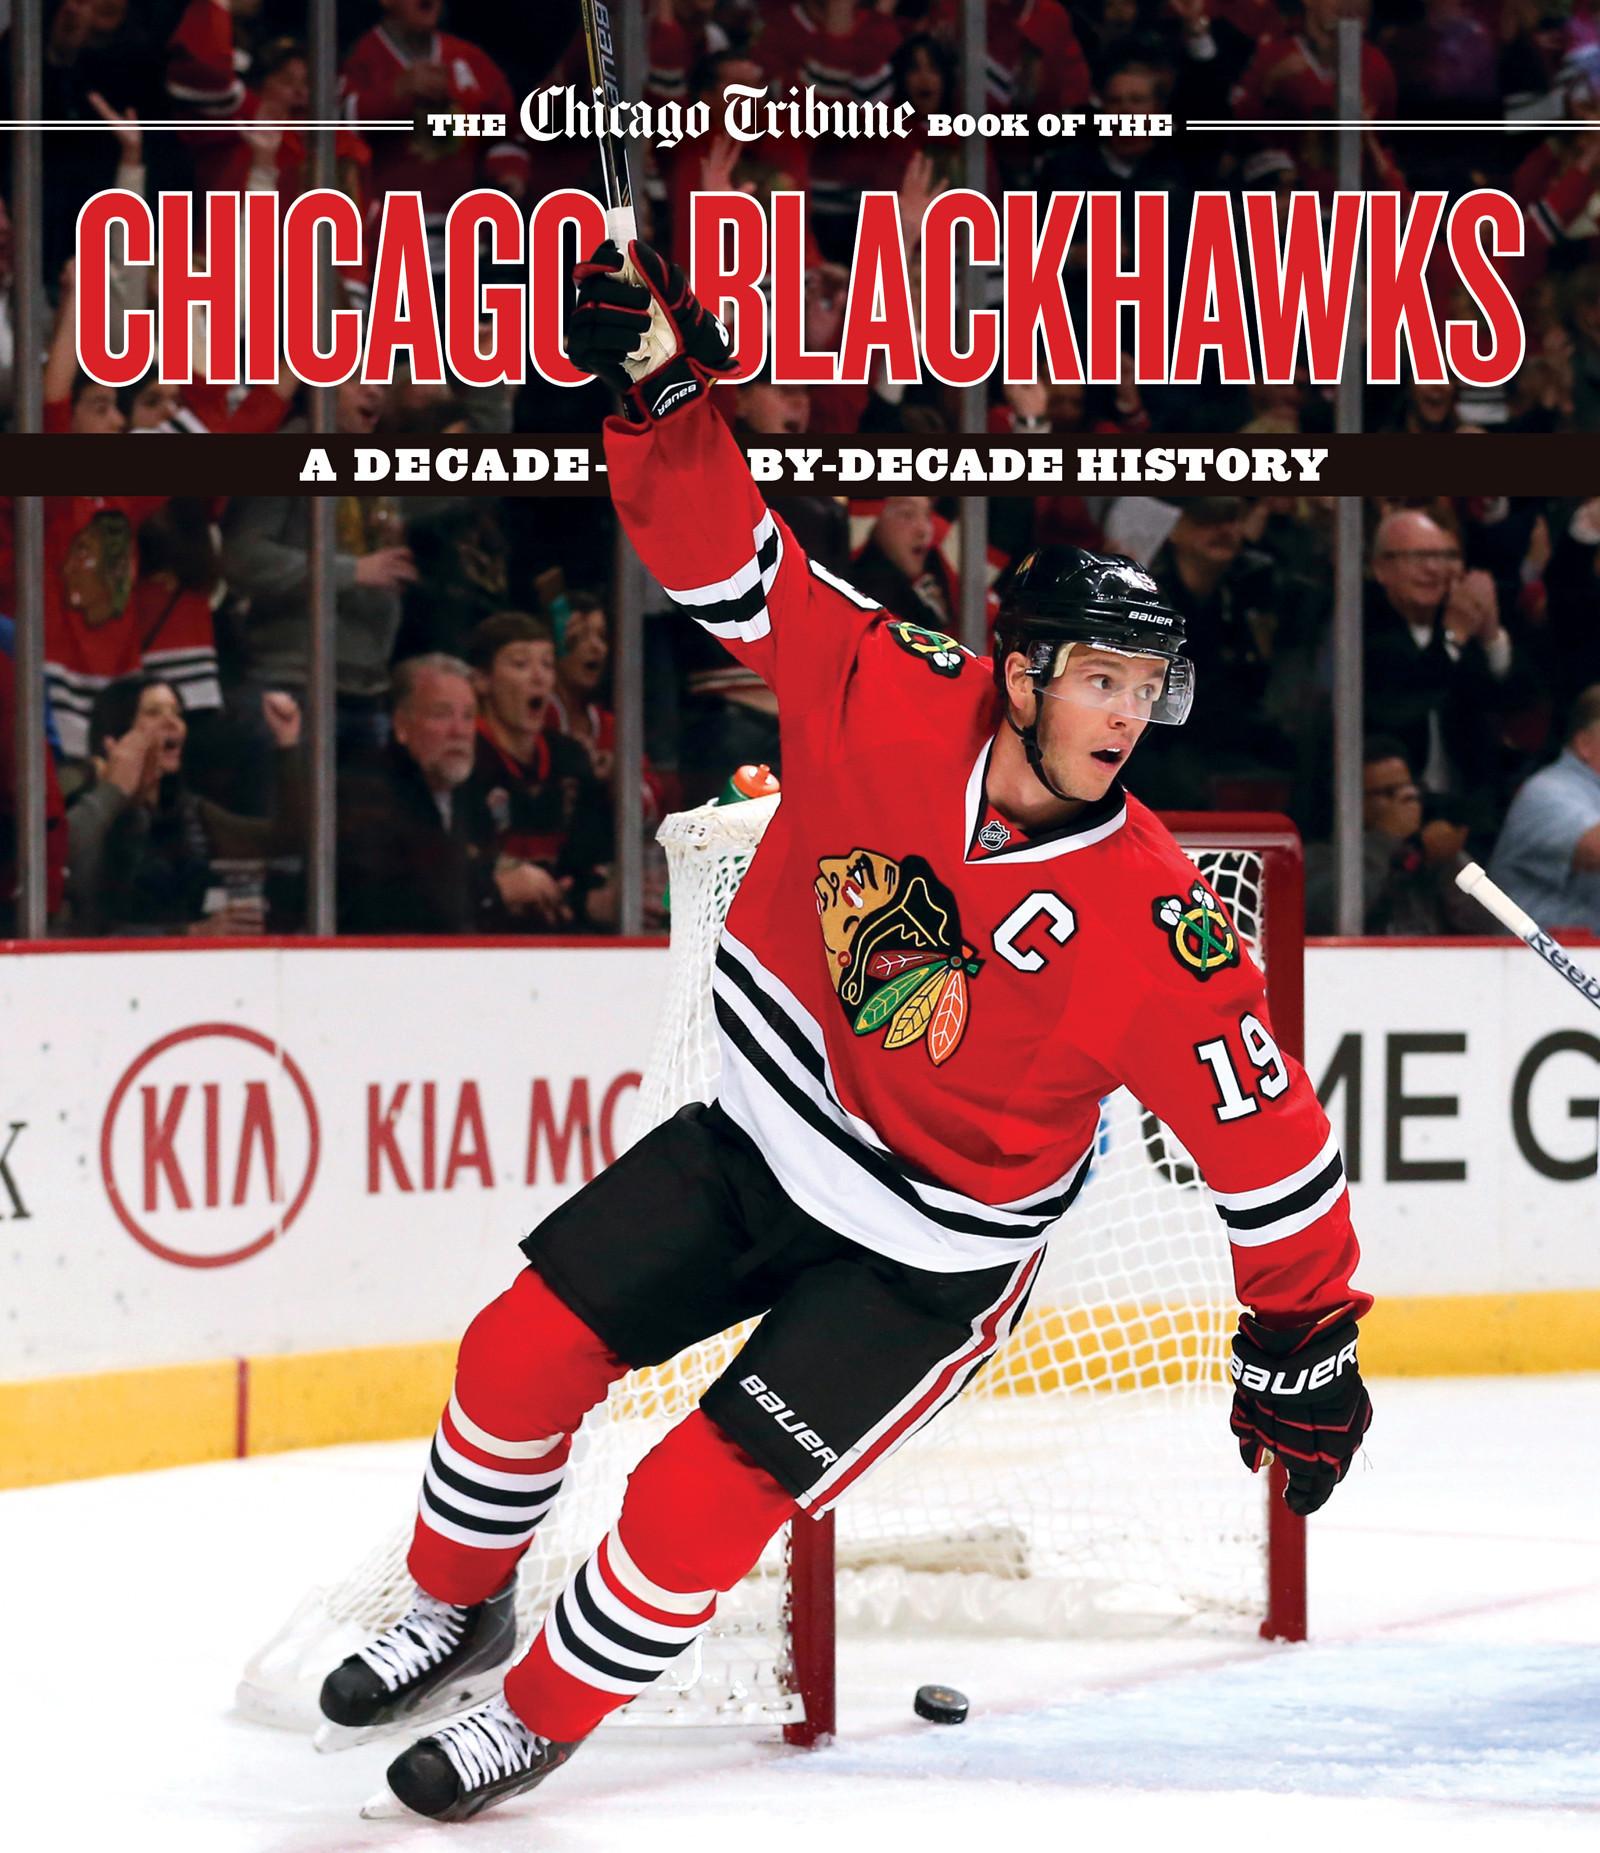 Blackhawks Book - Original Credit: